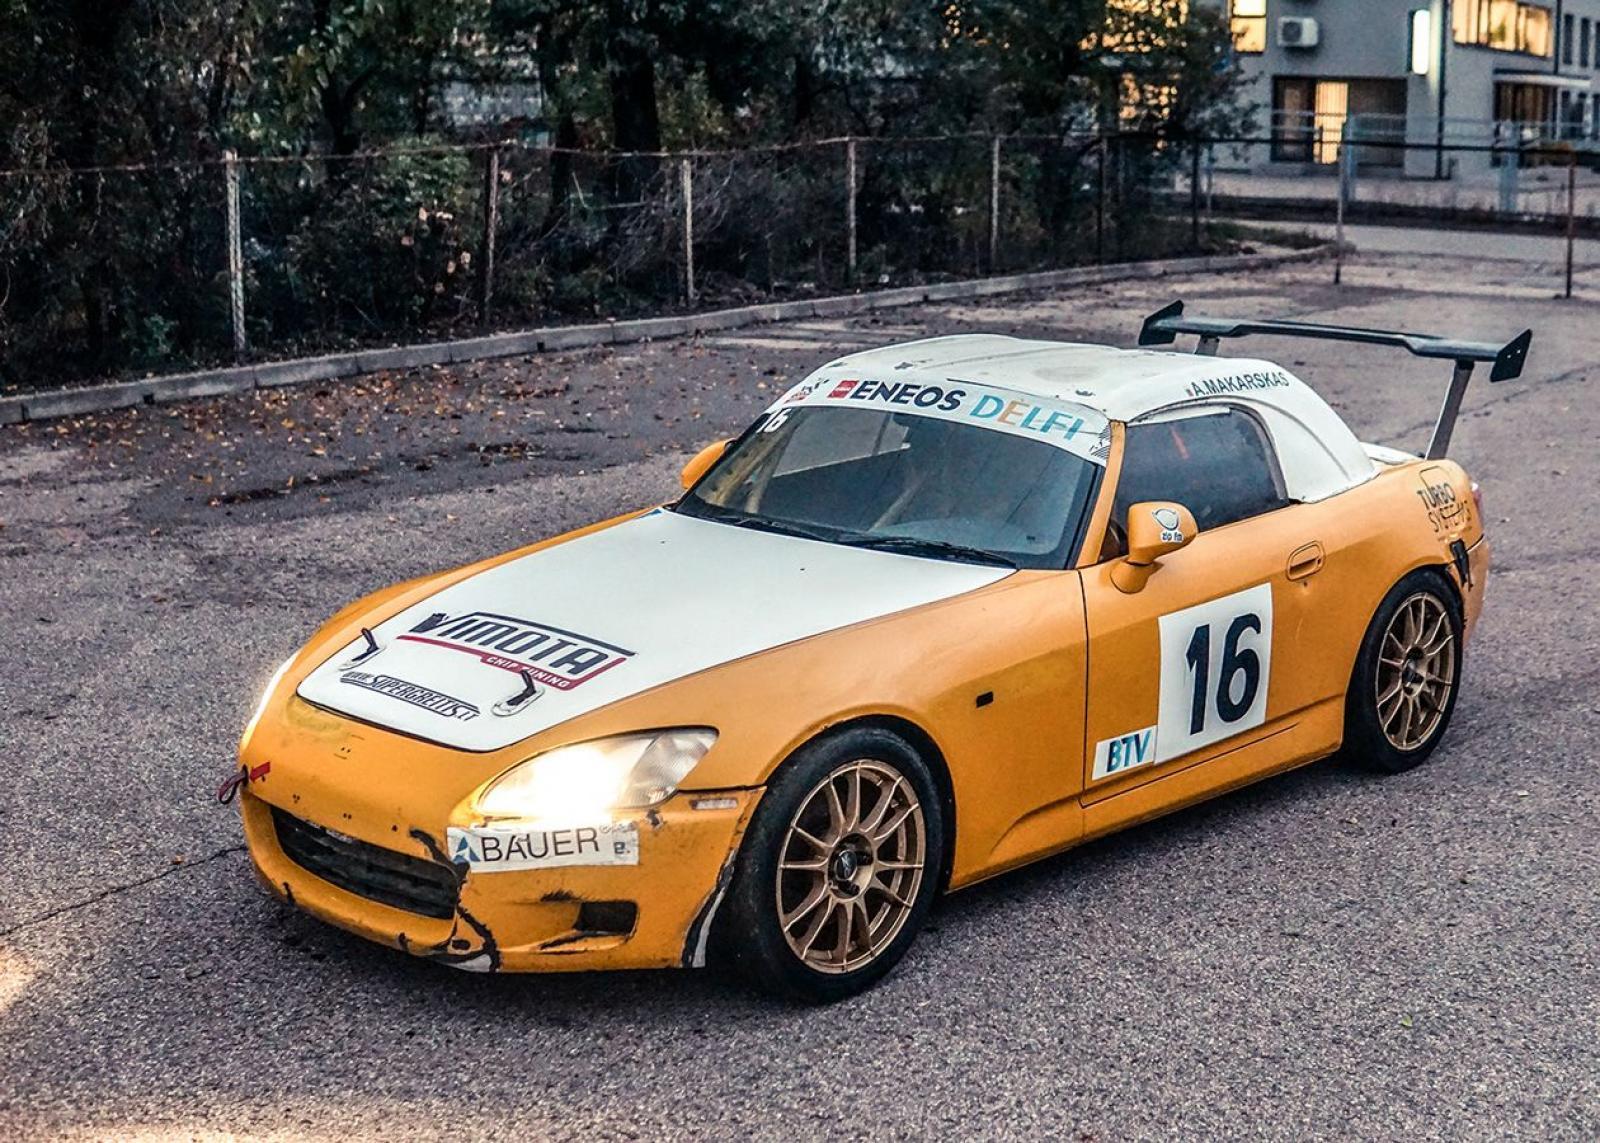 Honda S2000 AP1 / circuit race - 2